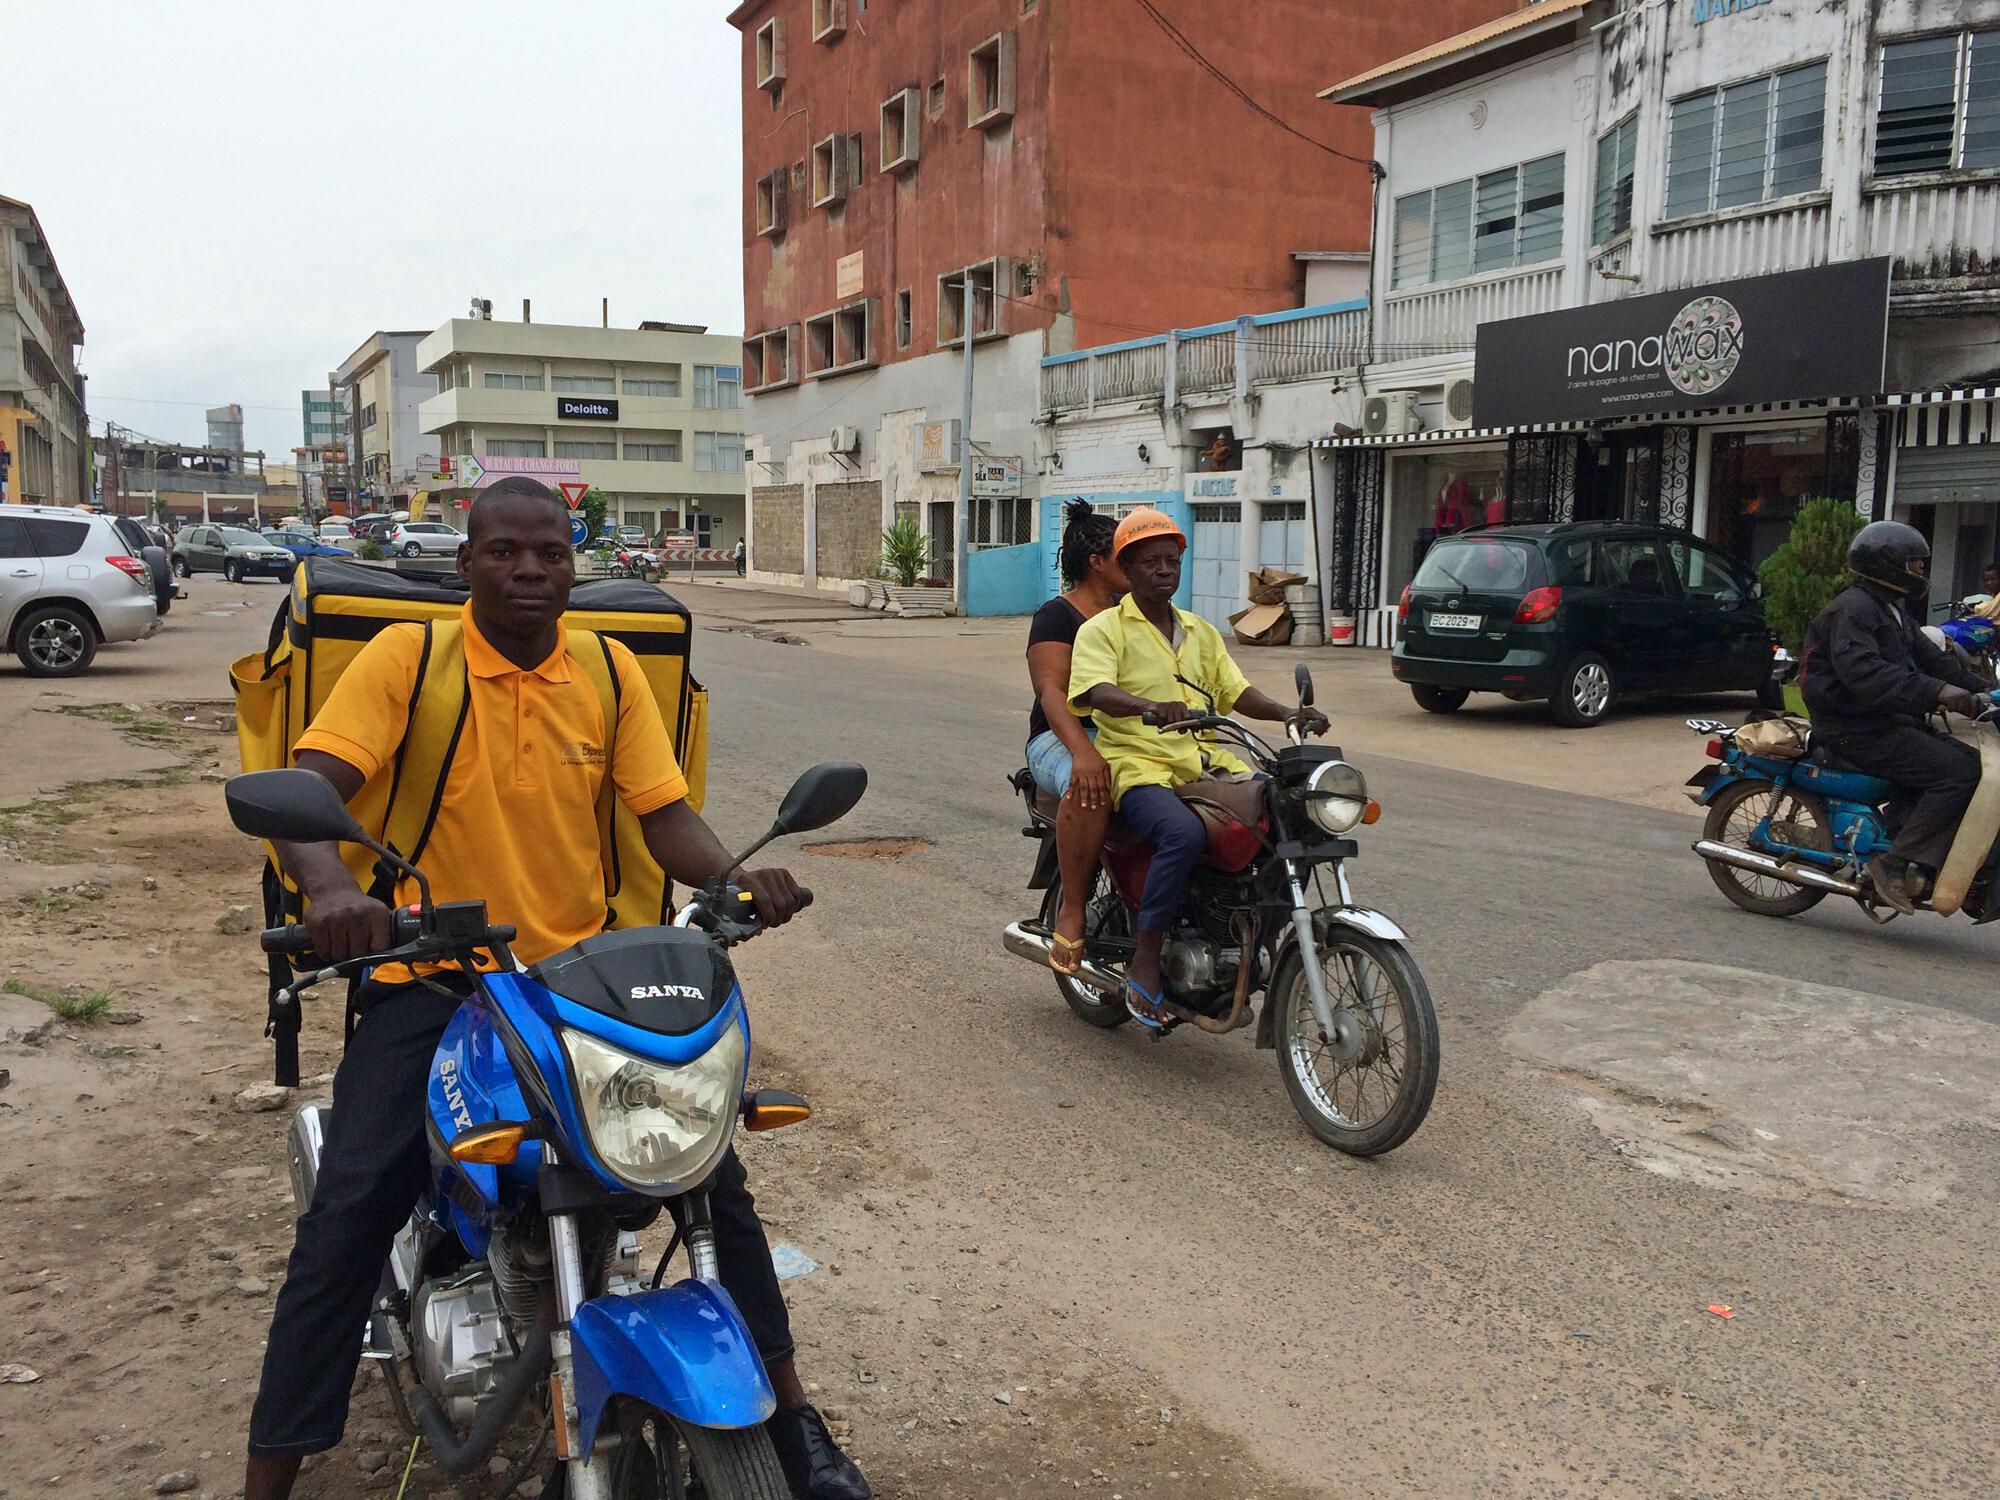 Dans une rue de Cotonou, au Bénin.